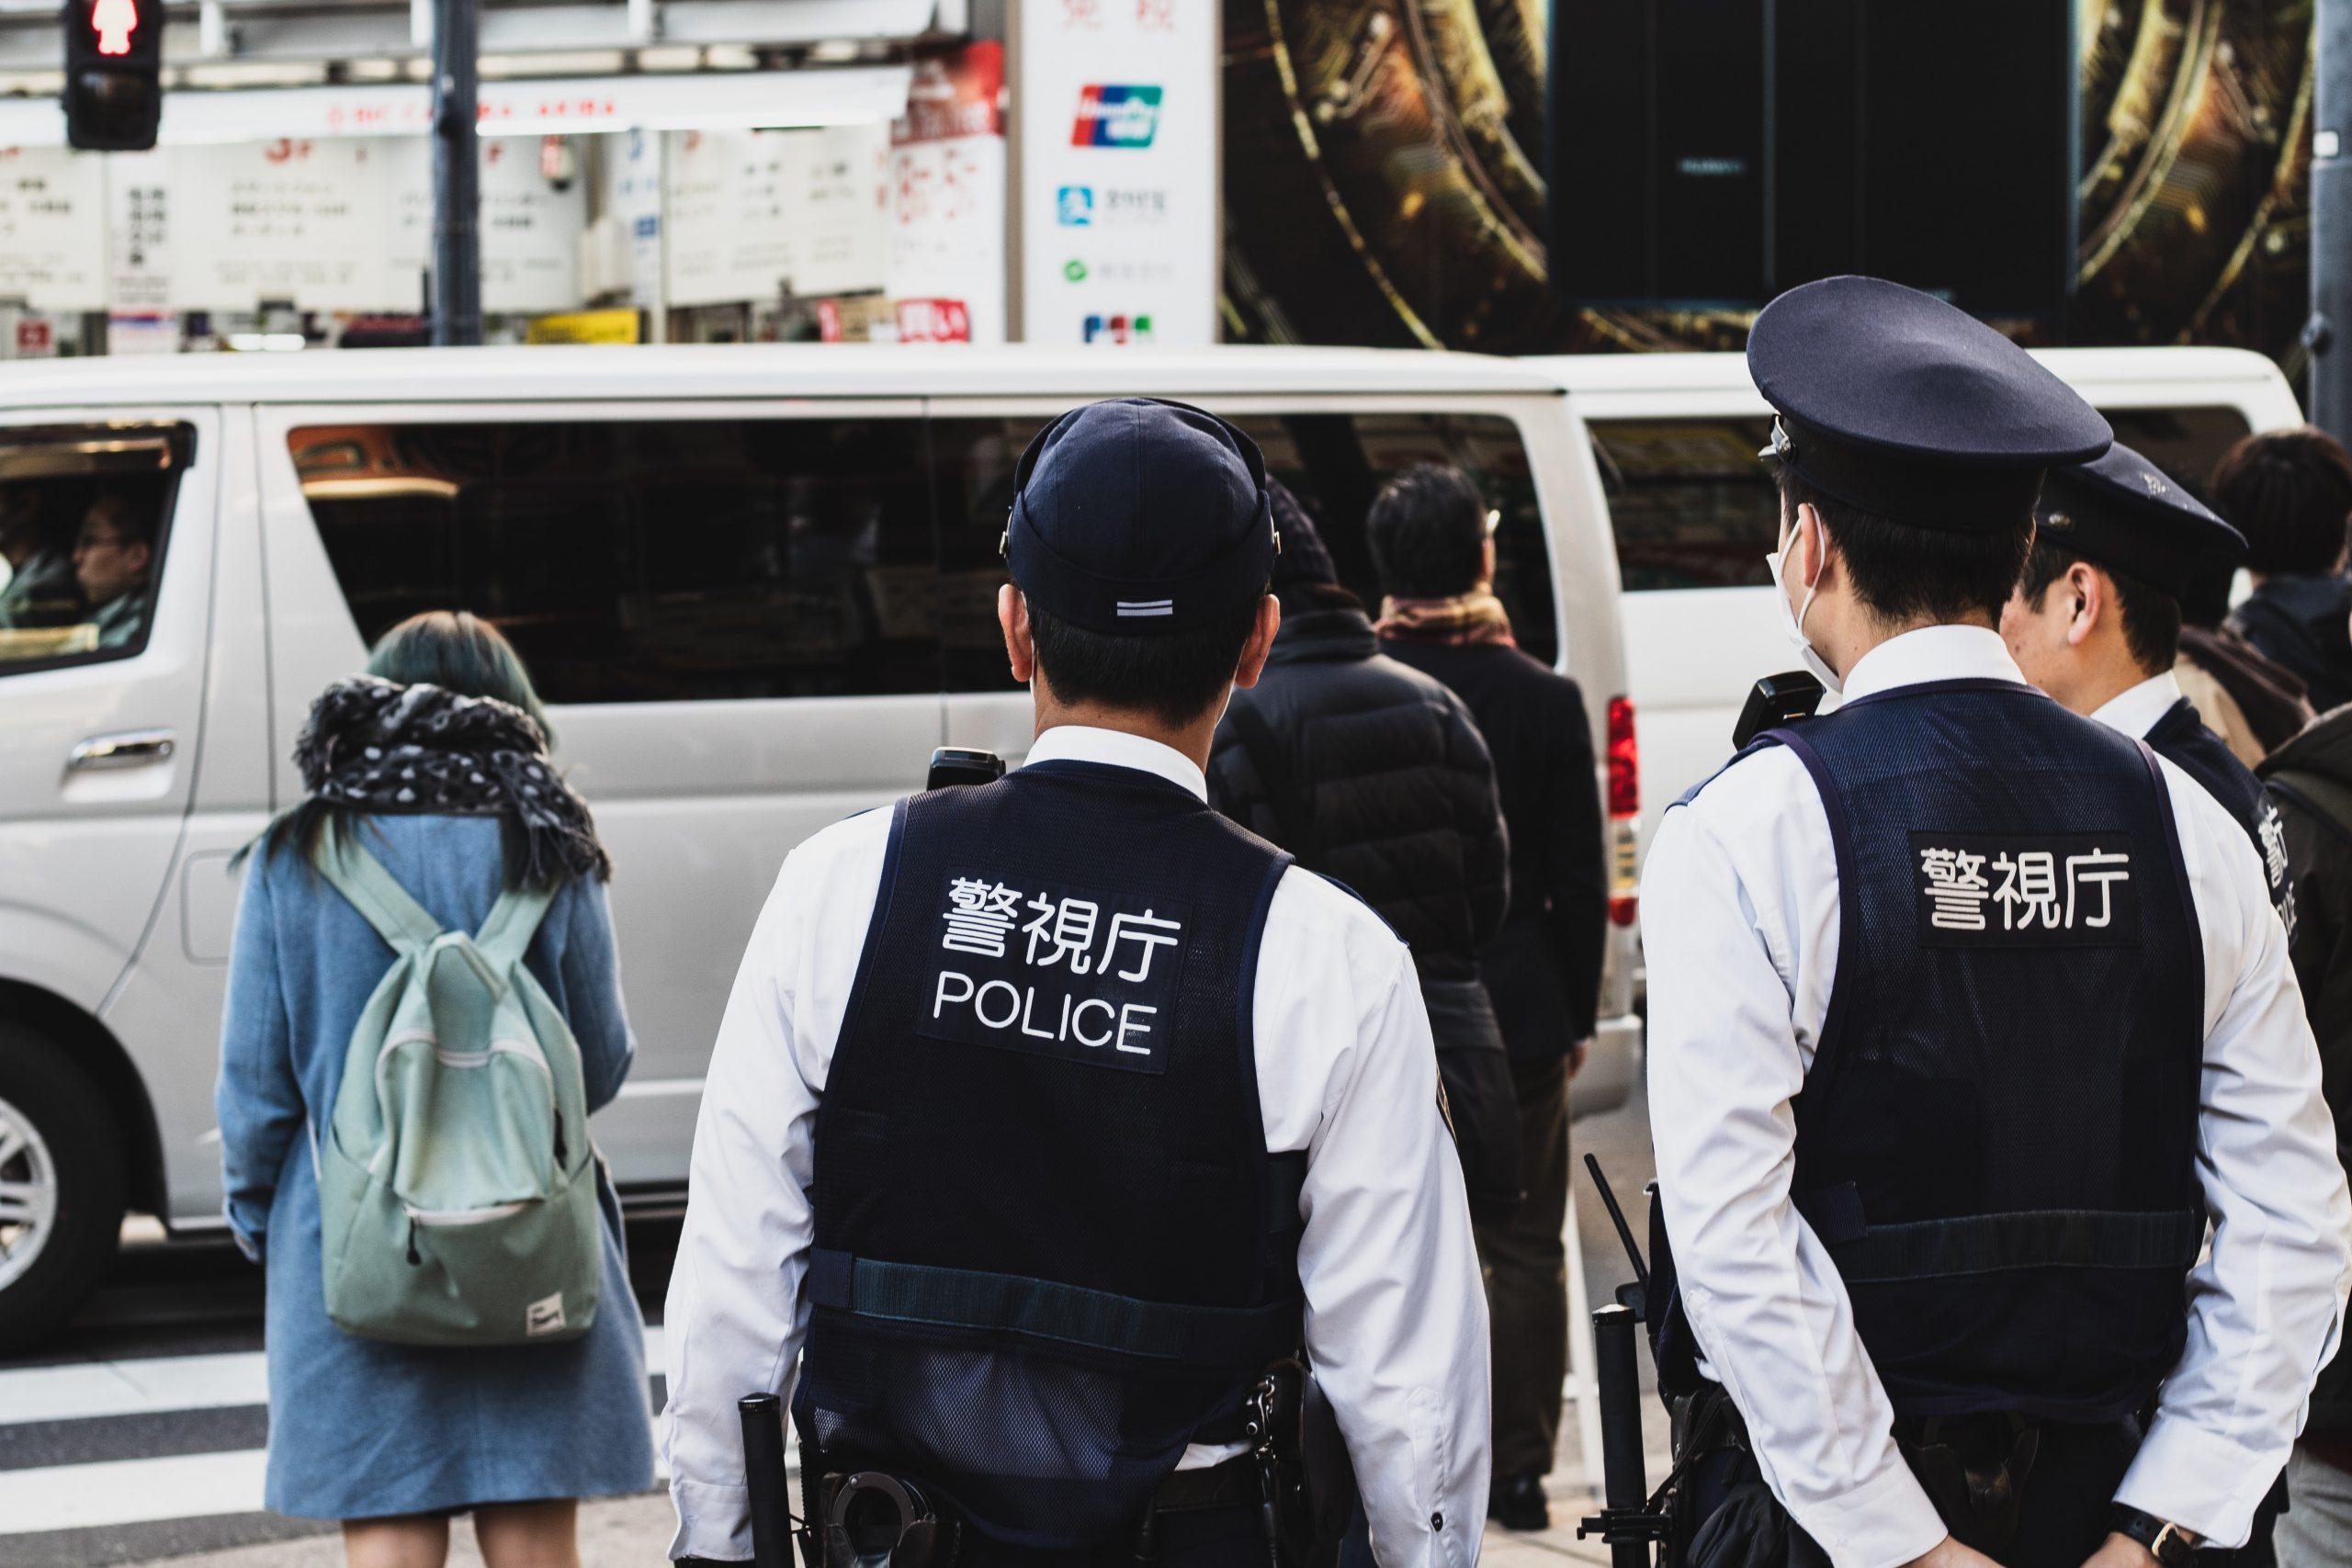 Police Japan